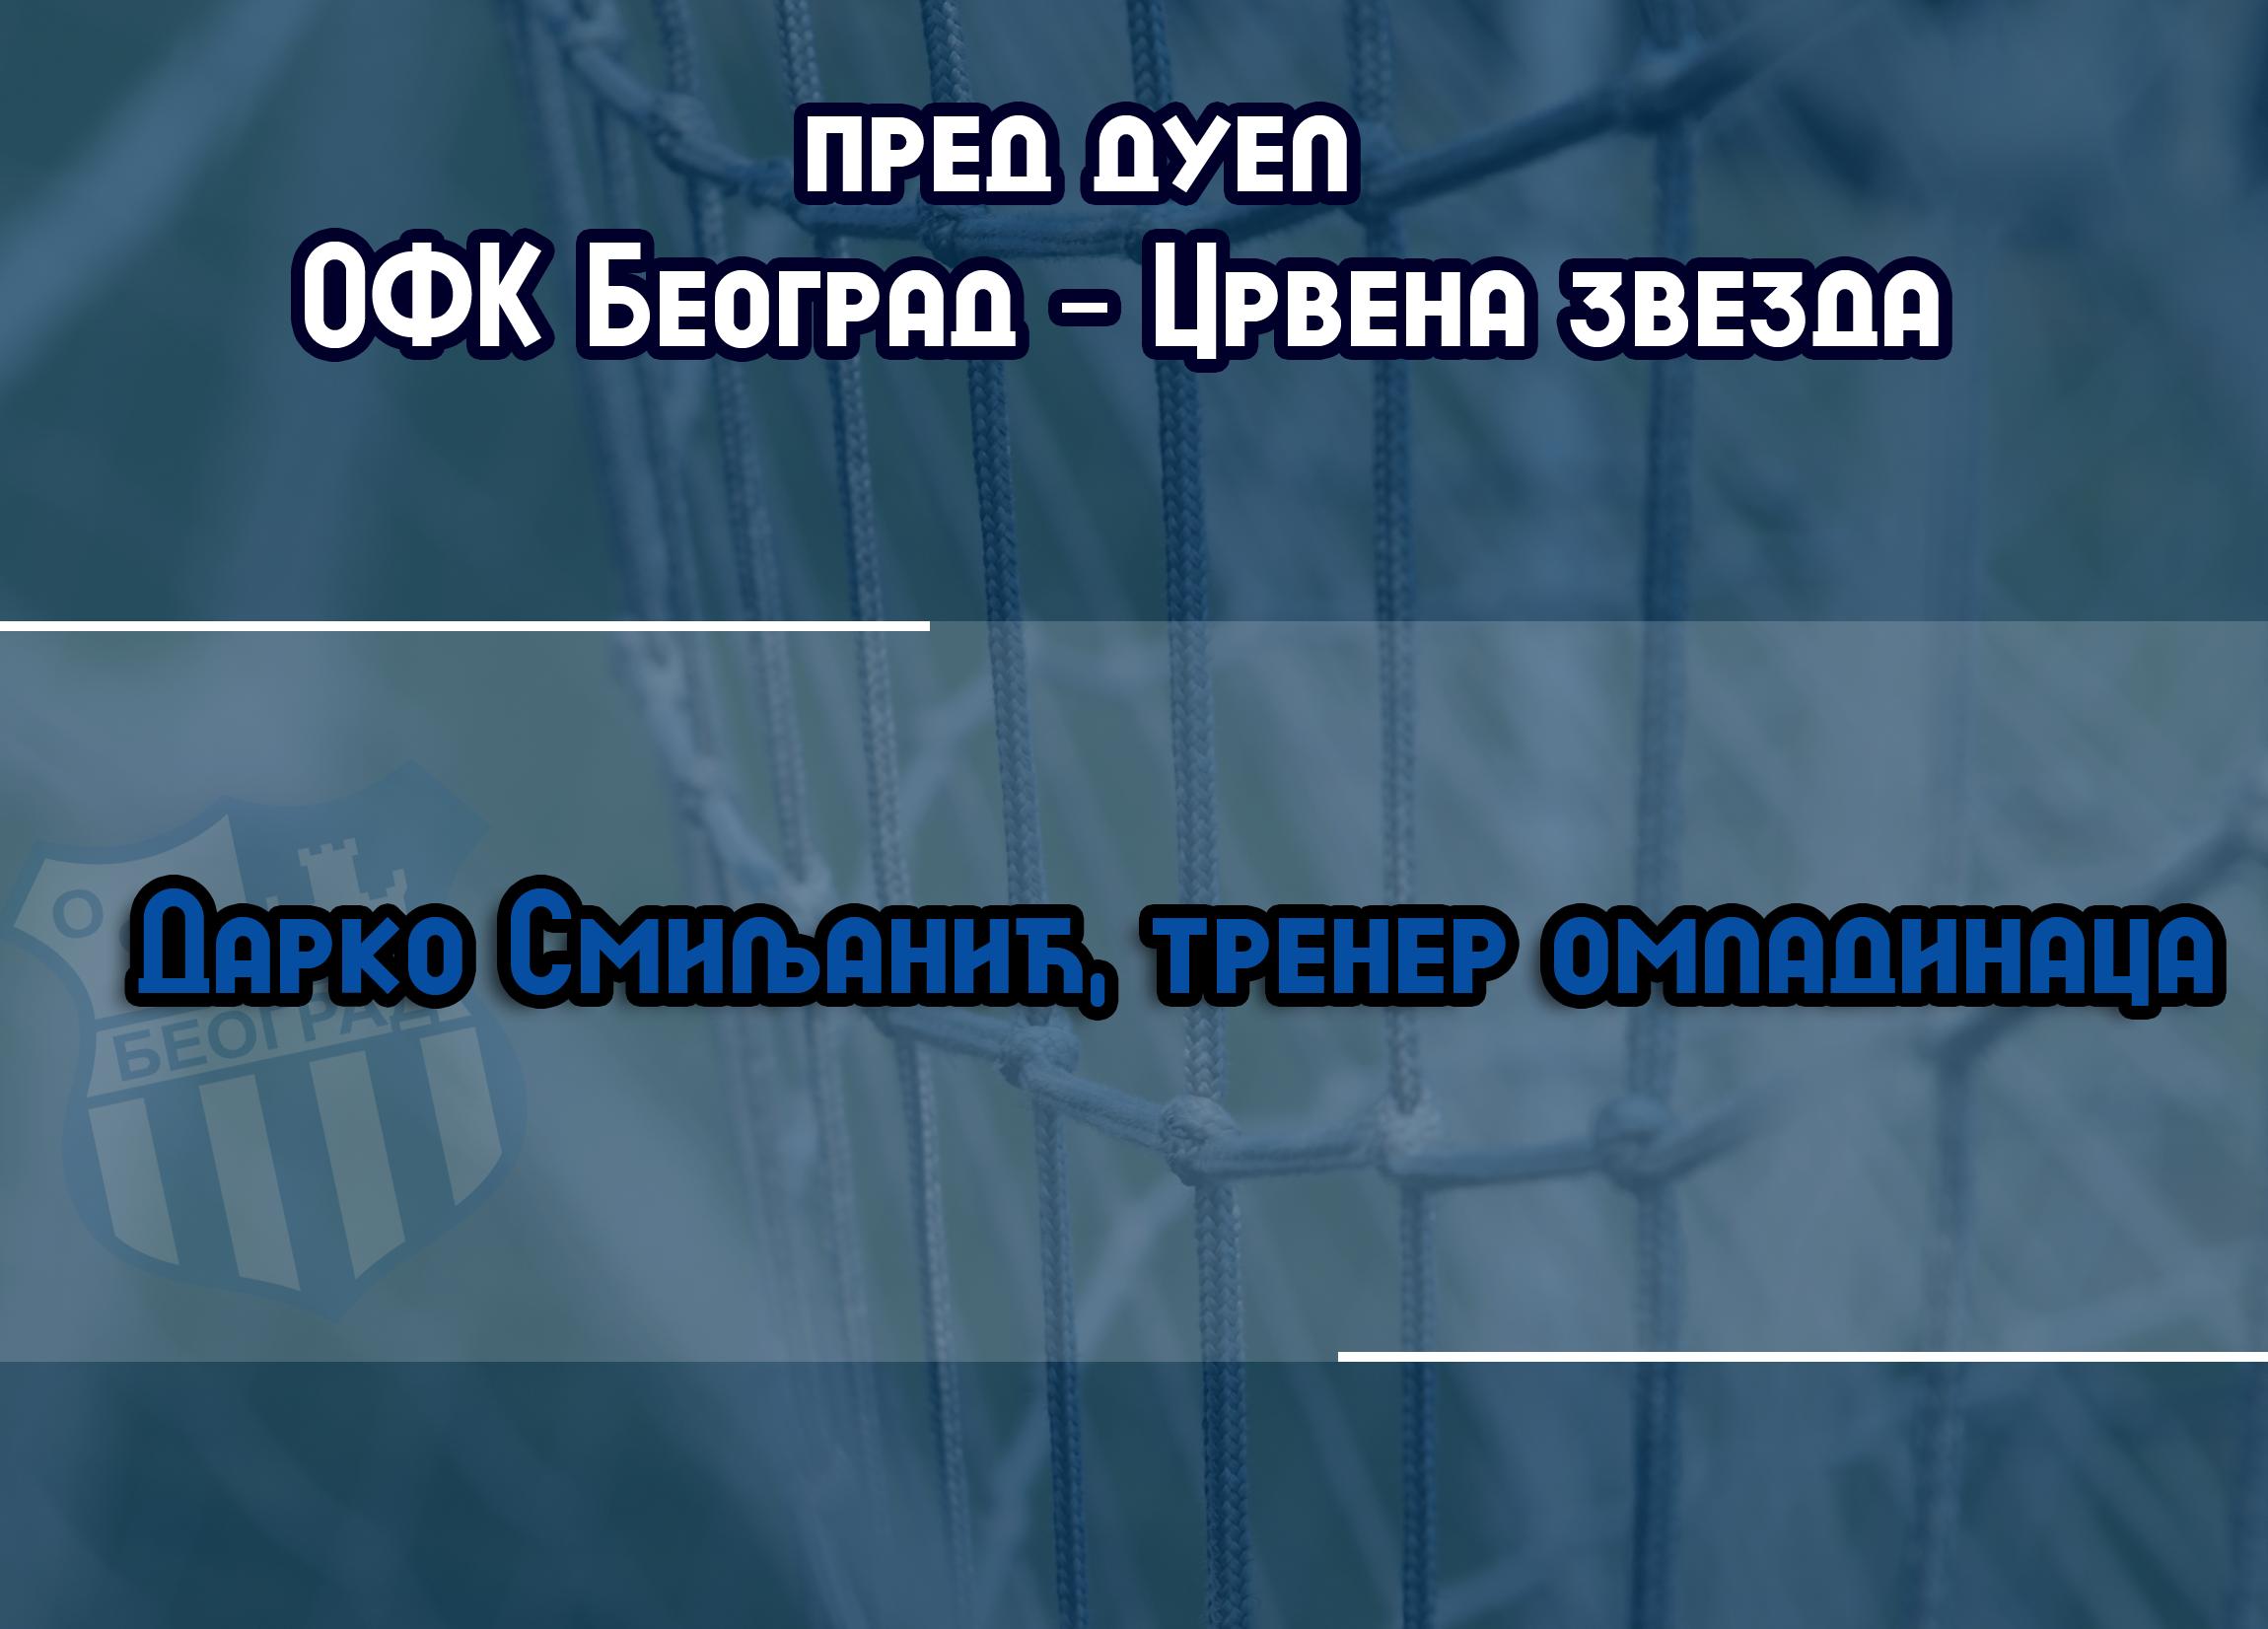 Пред дуел ОФК Београд – Црвена звезда Омладинци, тренер Дарко Смиљанић